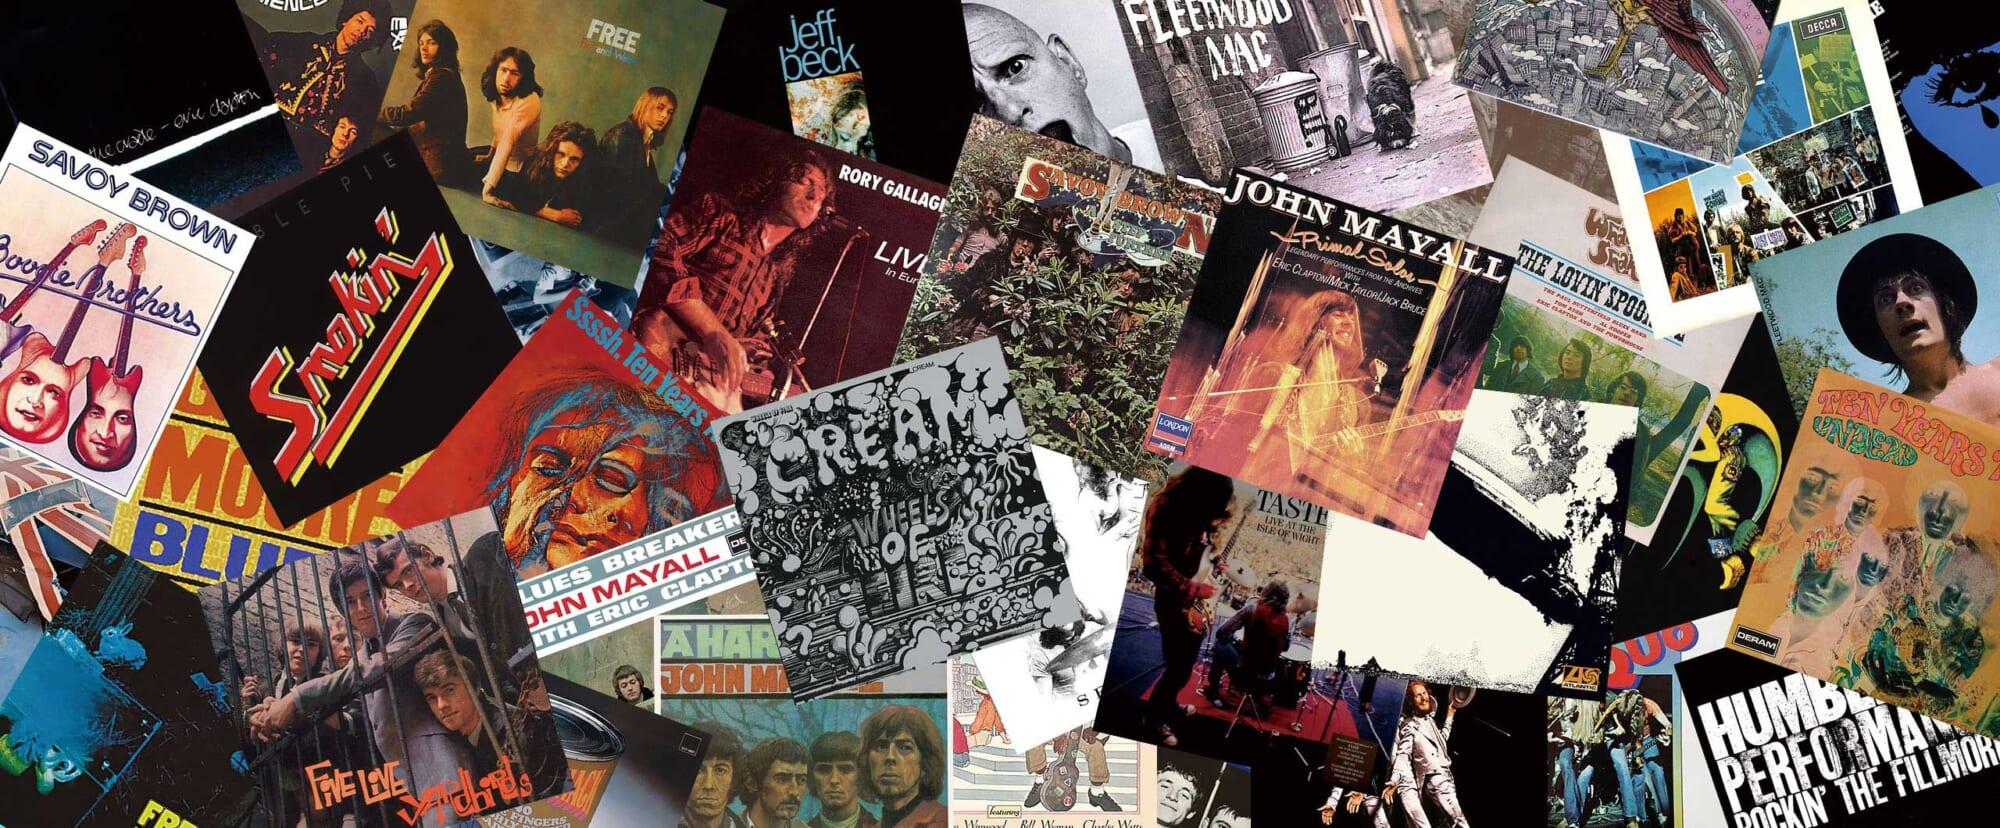 ギタリストなら絶対に聴くべきブリティッシュ・ブルース・ロックの名盤40枚(3/4)